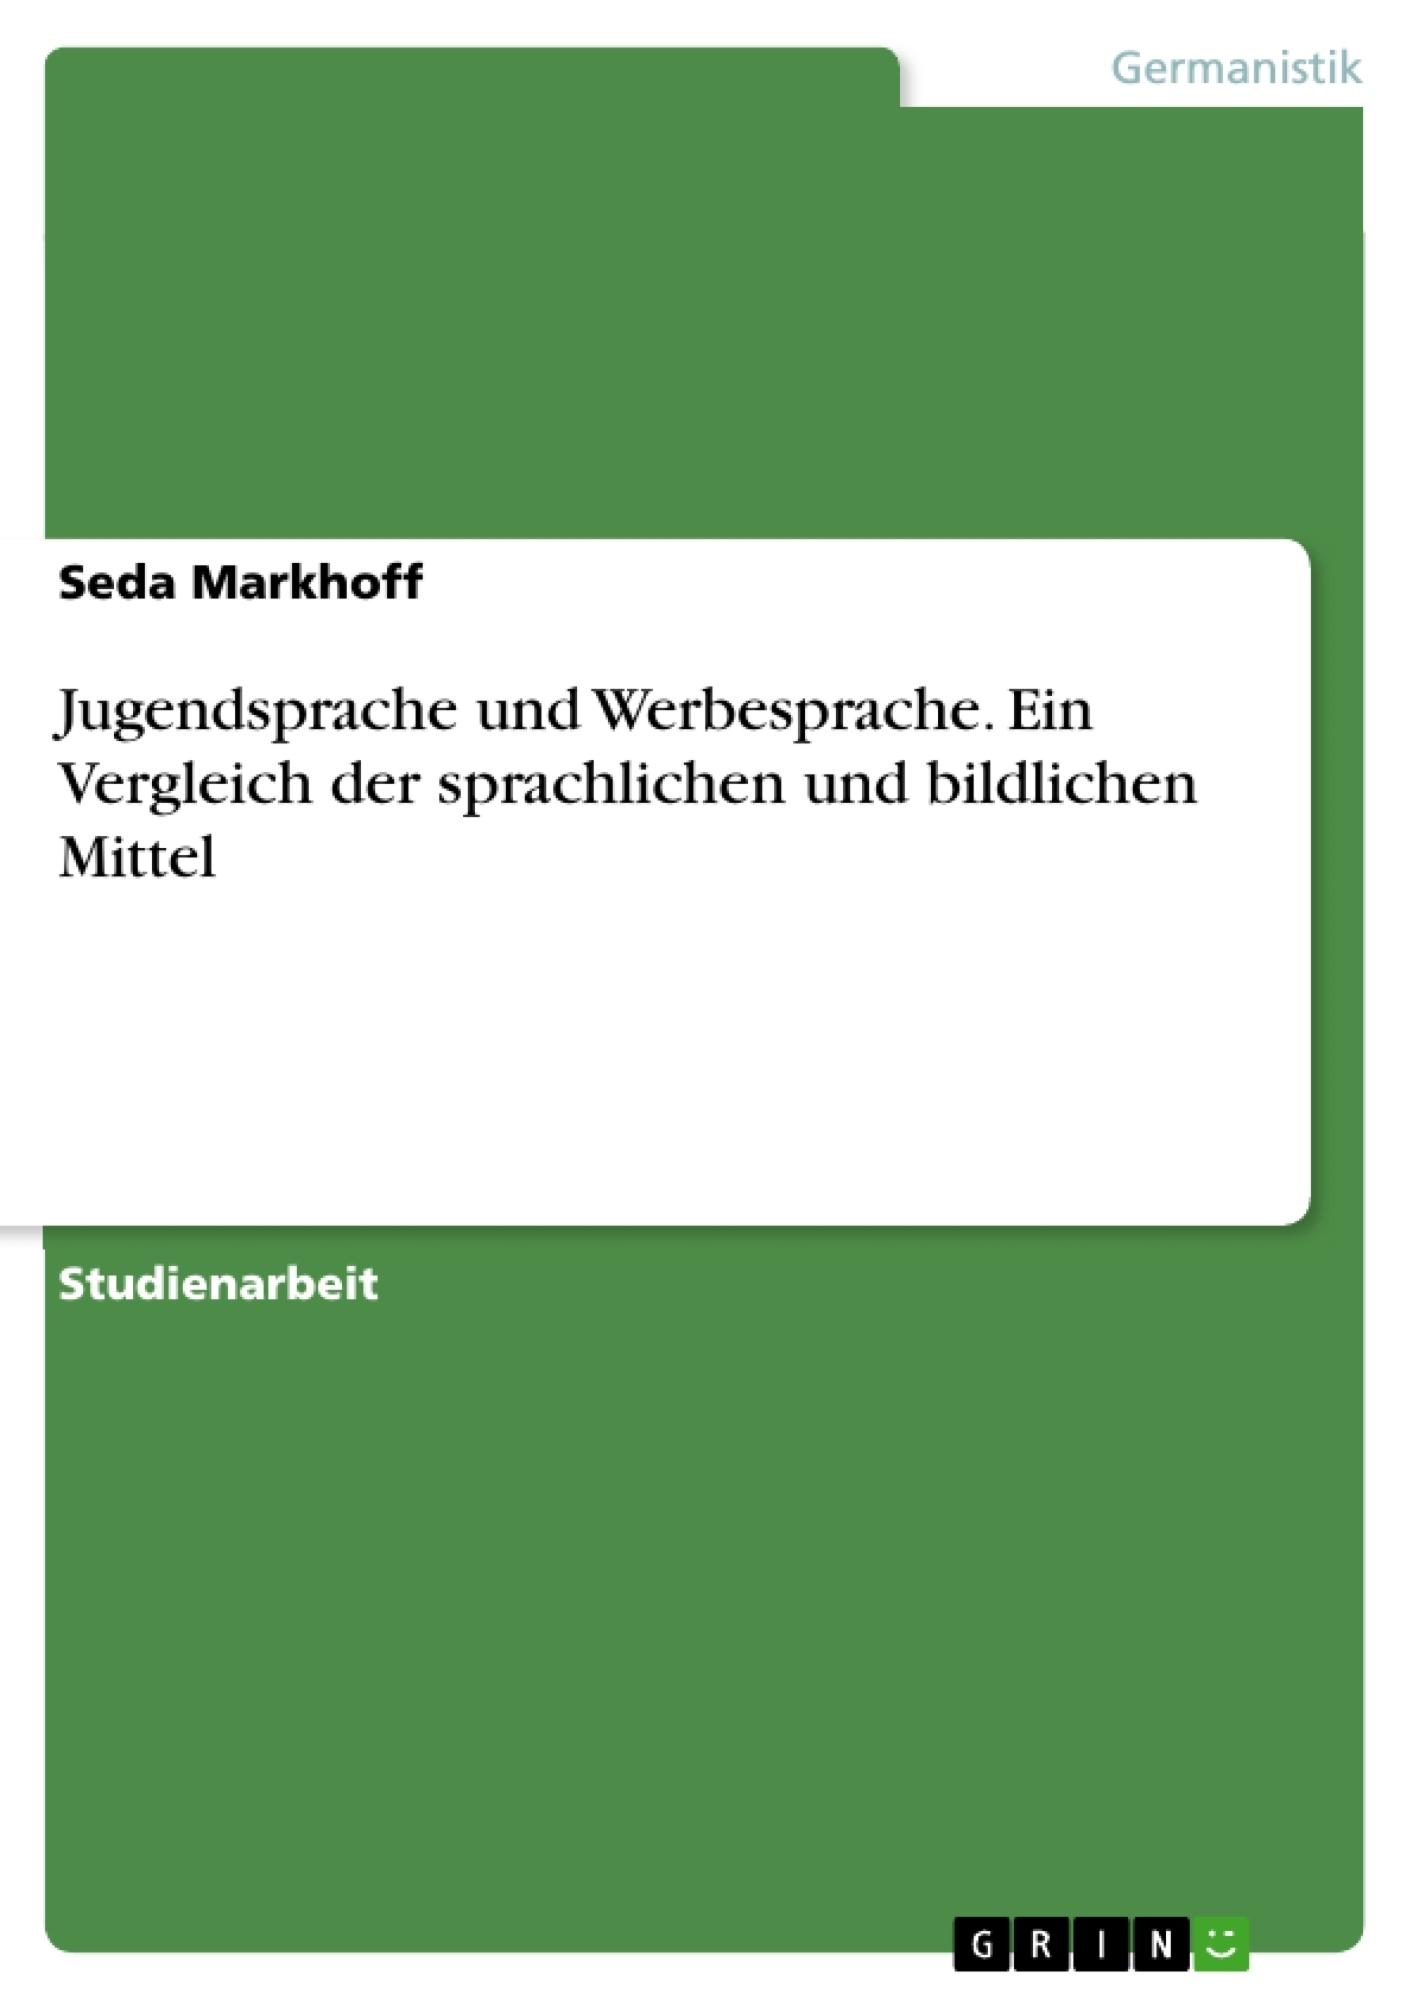 Titel: Jugendsprache und Werbesprache. Ein Vergleich der sprachlichen und bildlichen Mittel